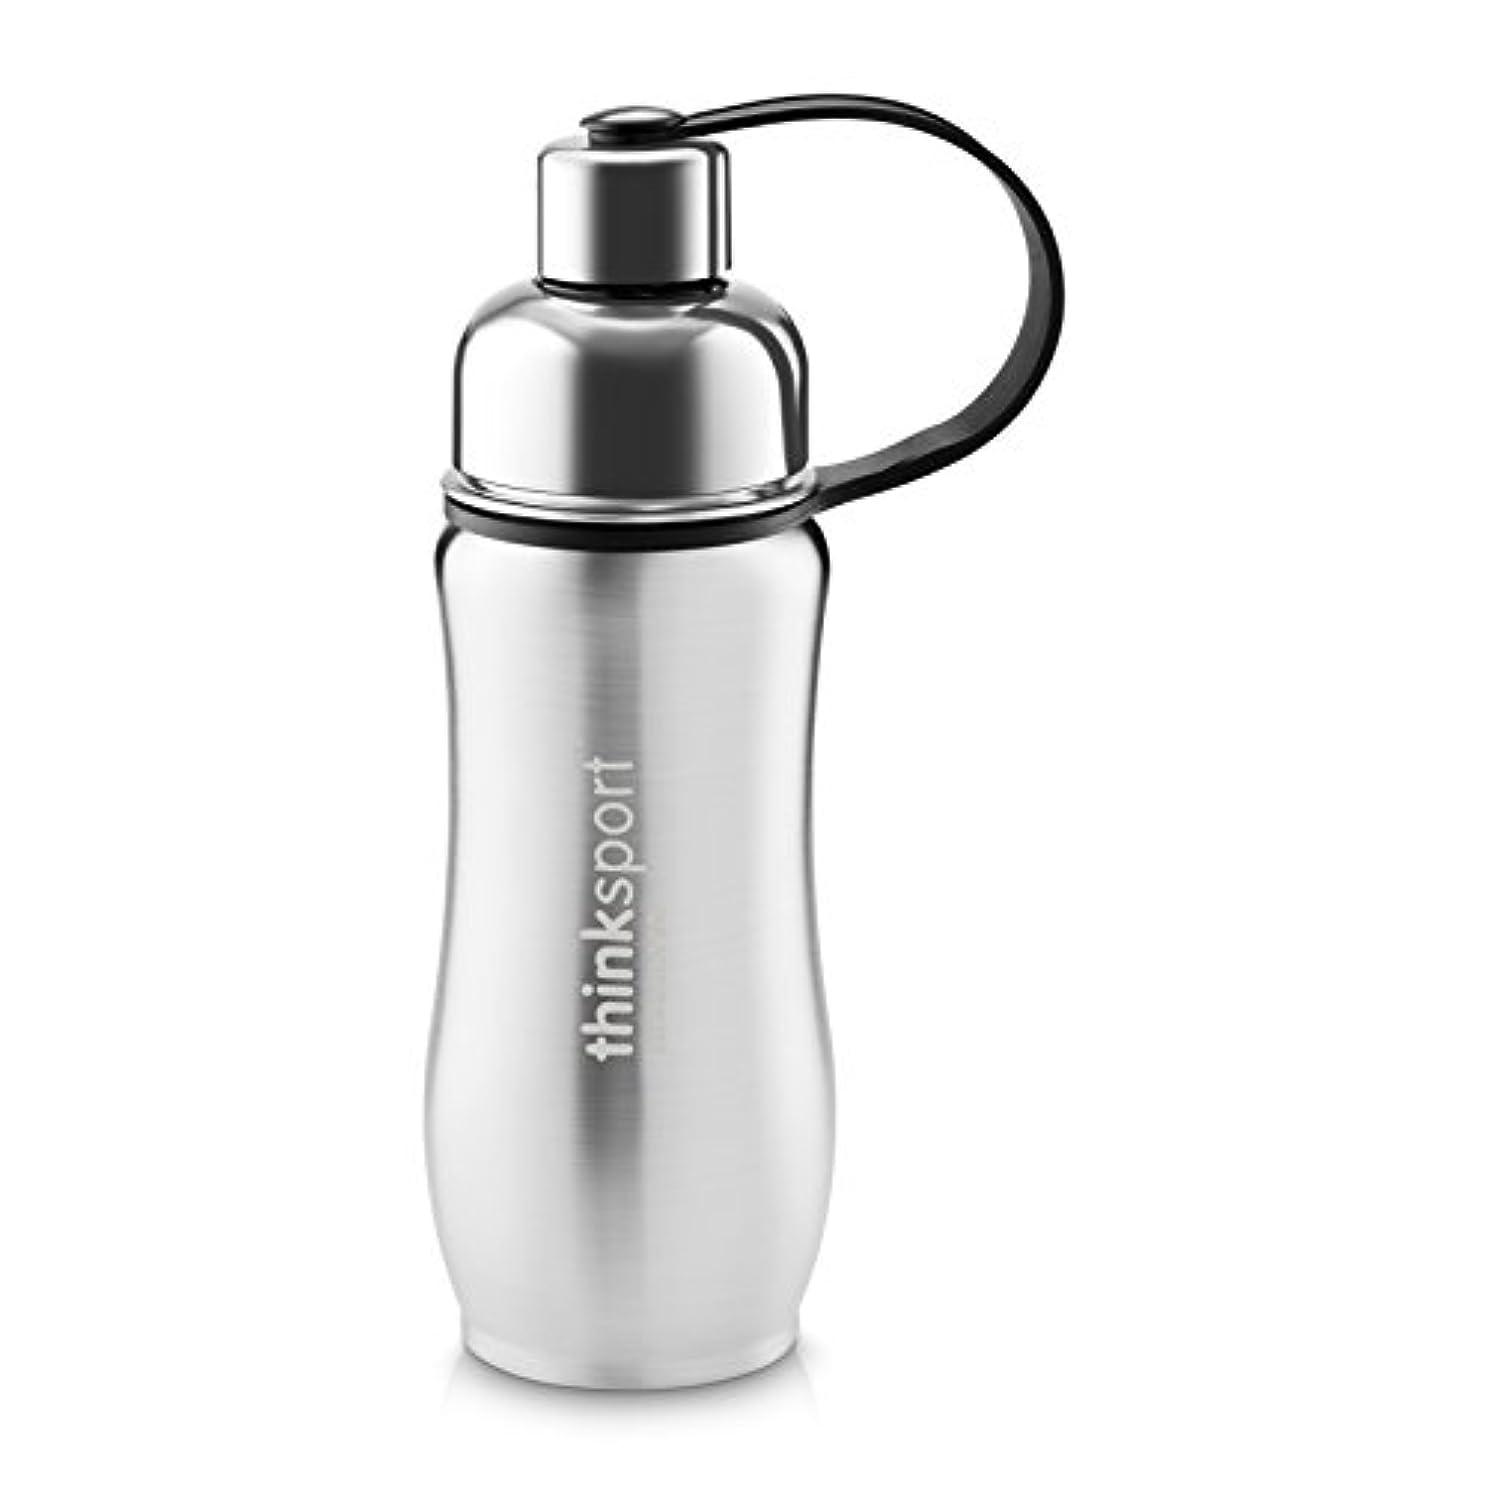 懐間違えた世界に死んだThinkSport Sports Bottle (12oz) - Silver by organicKidz